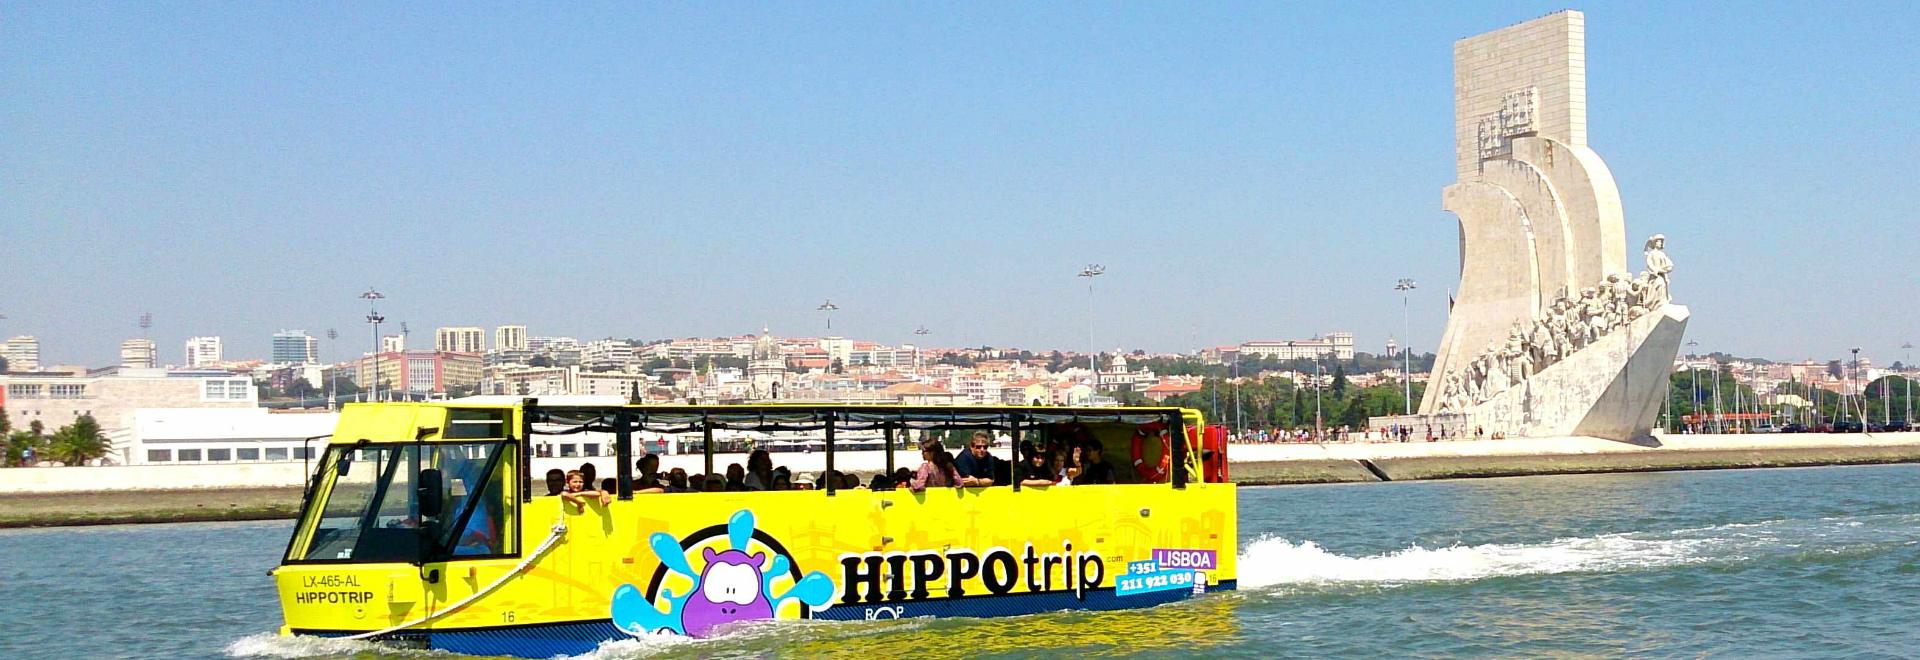 Visitez lisbonne bord d 39 un bus touristique - Office de tourisme lisbonne ...